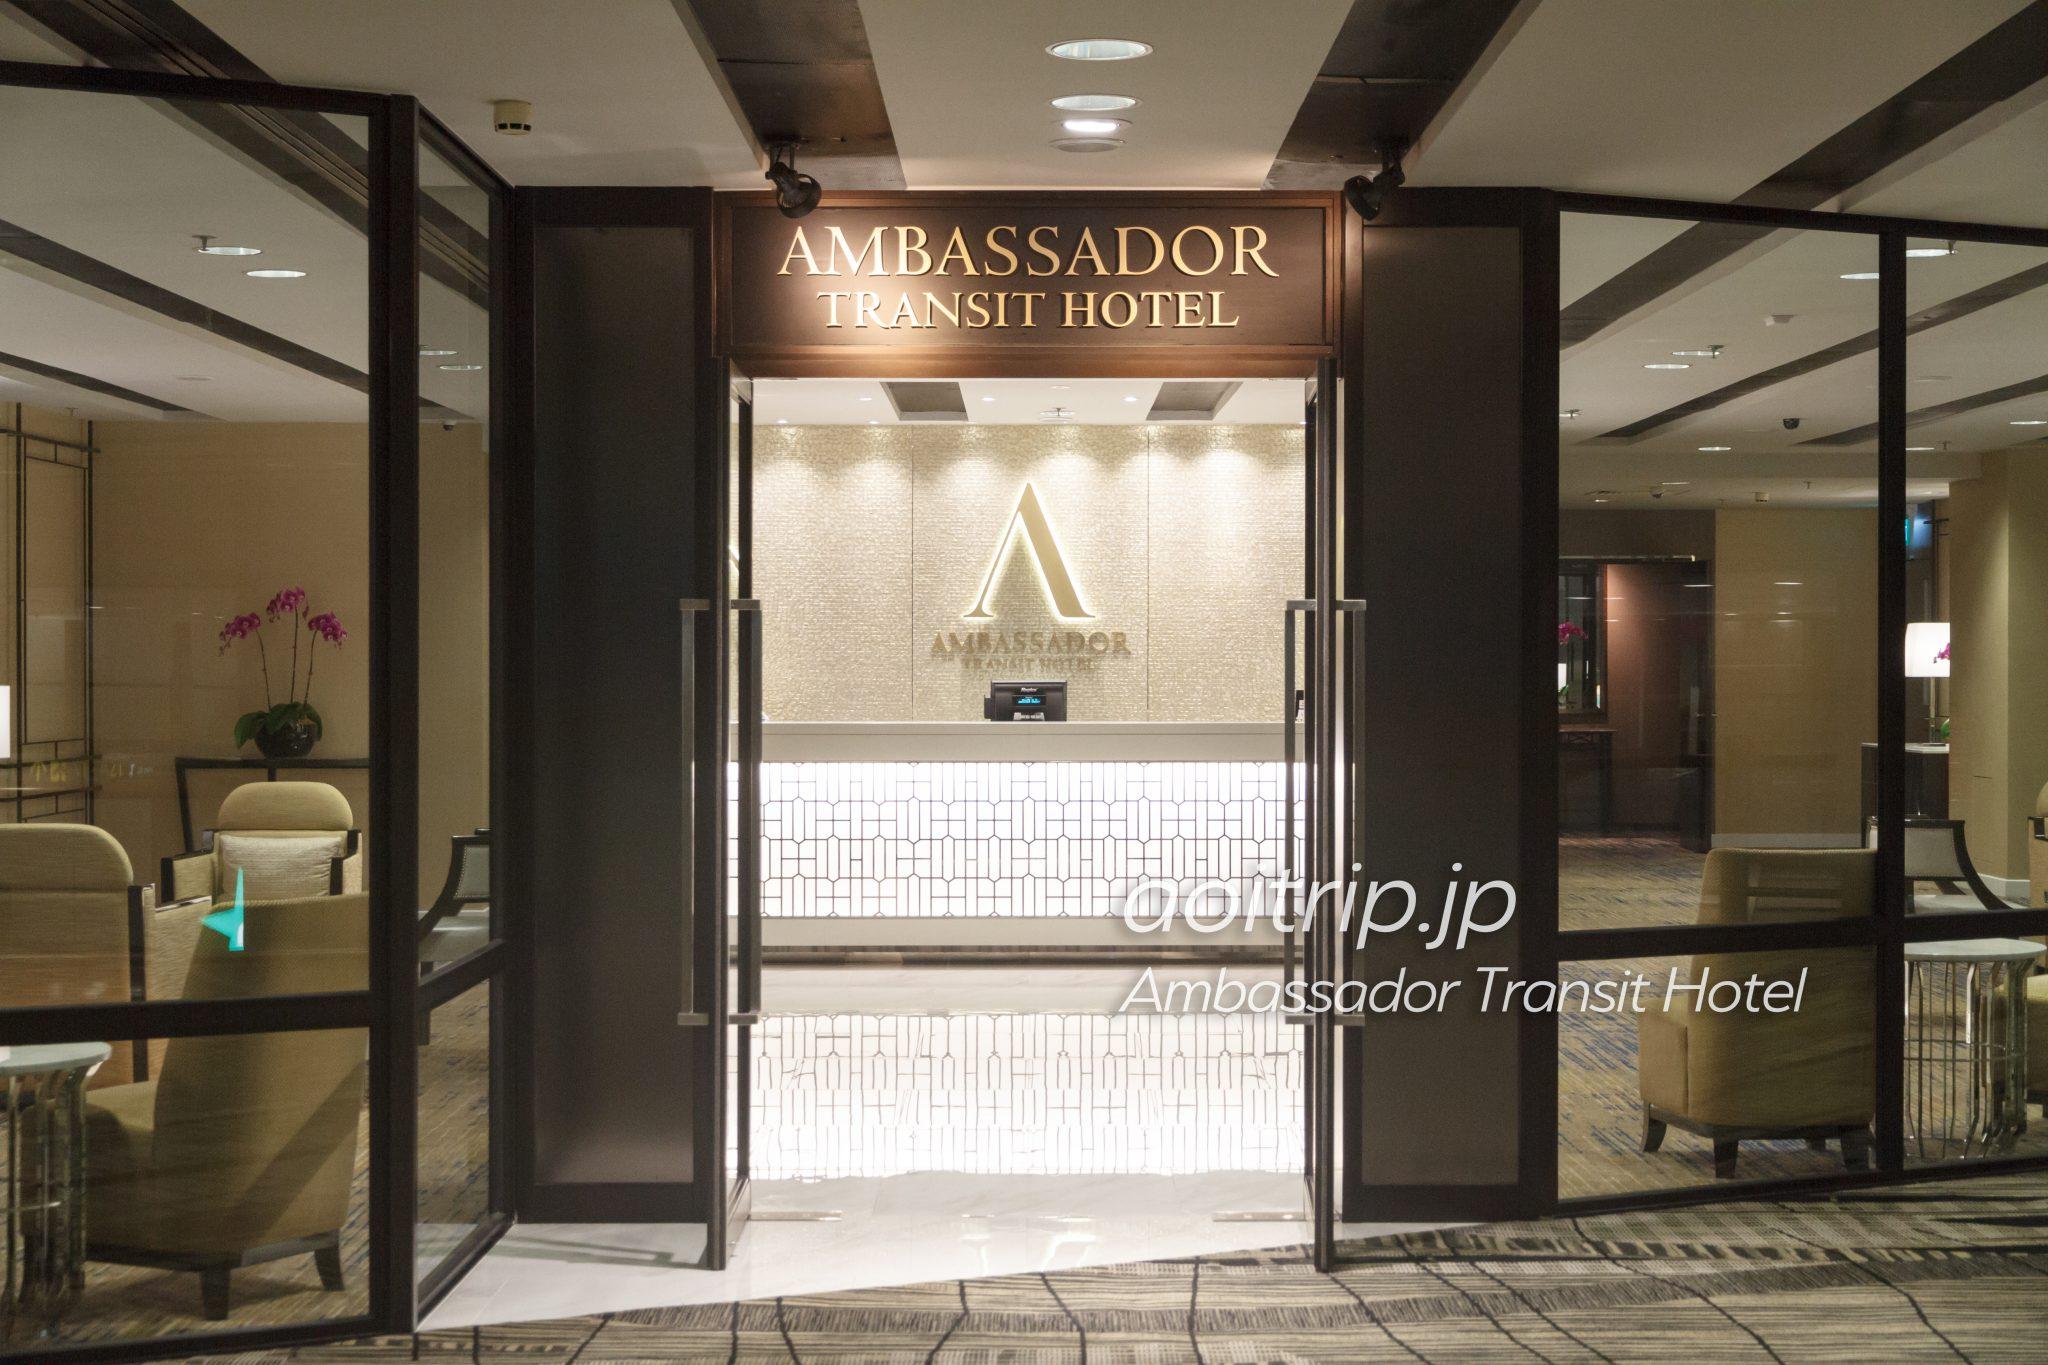 アンバサダートランジットホテル 入り口